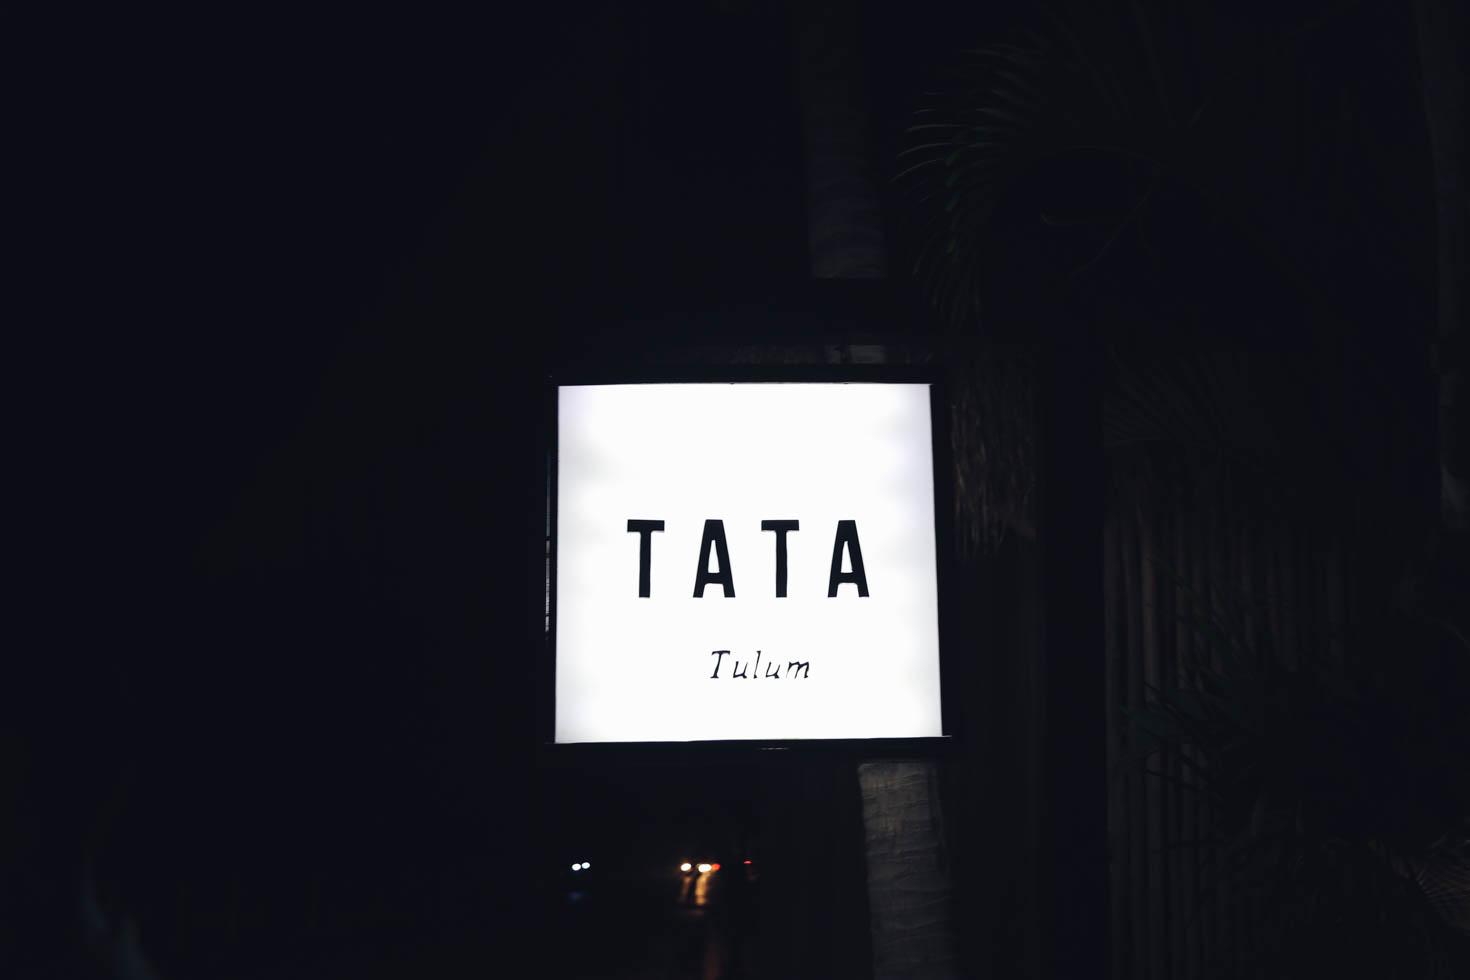 Checka in på Tata Tulum, Middag på Mur Mur och Kojhäng på Bejuco.